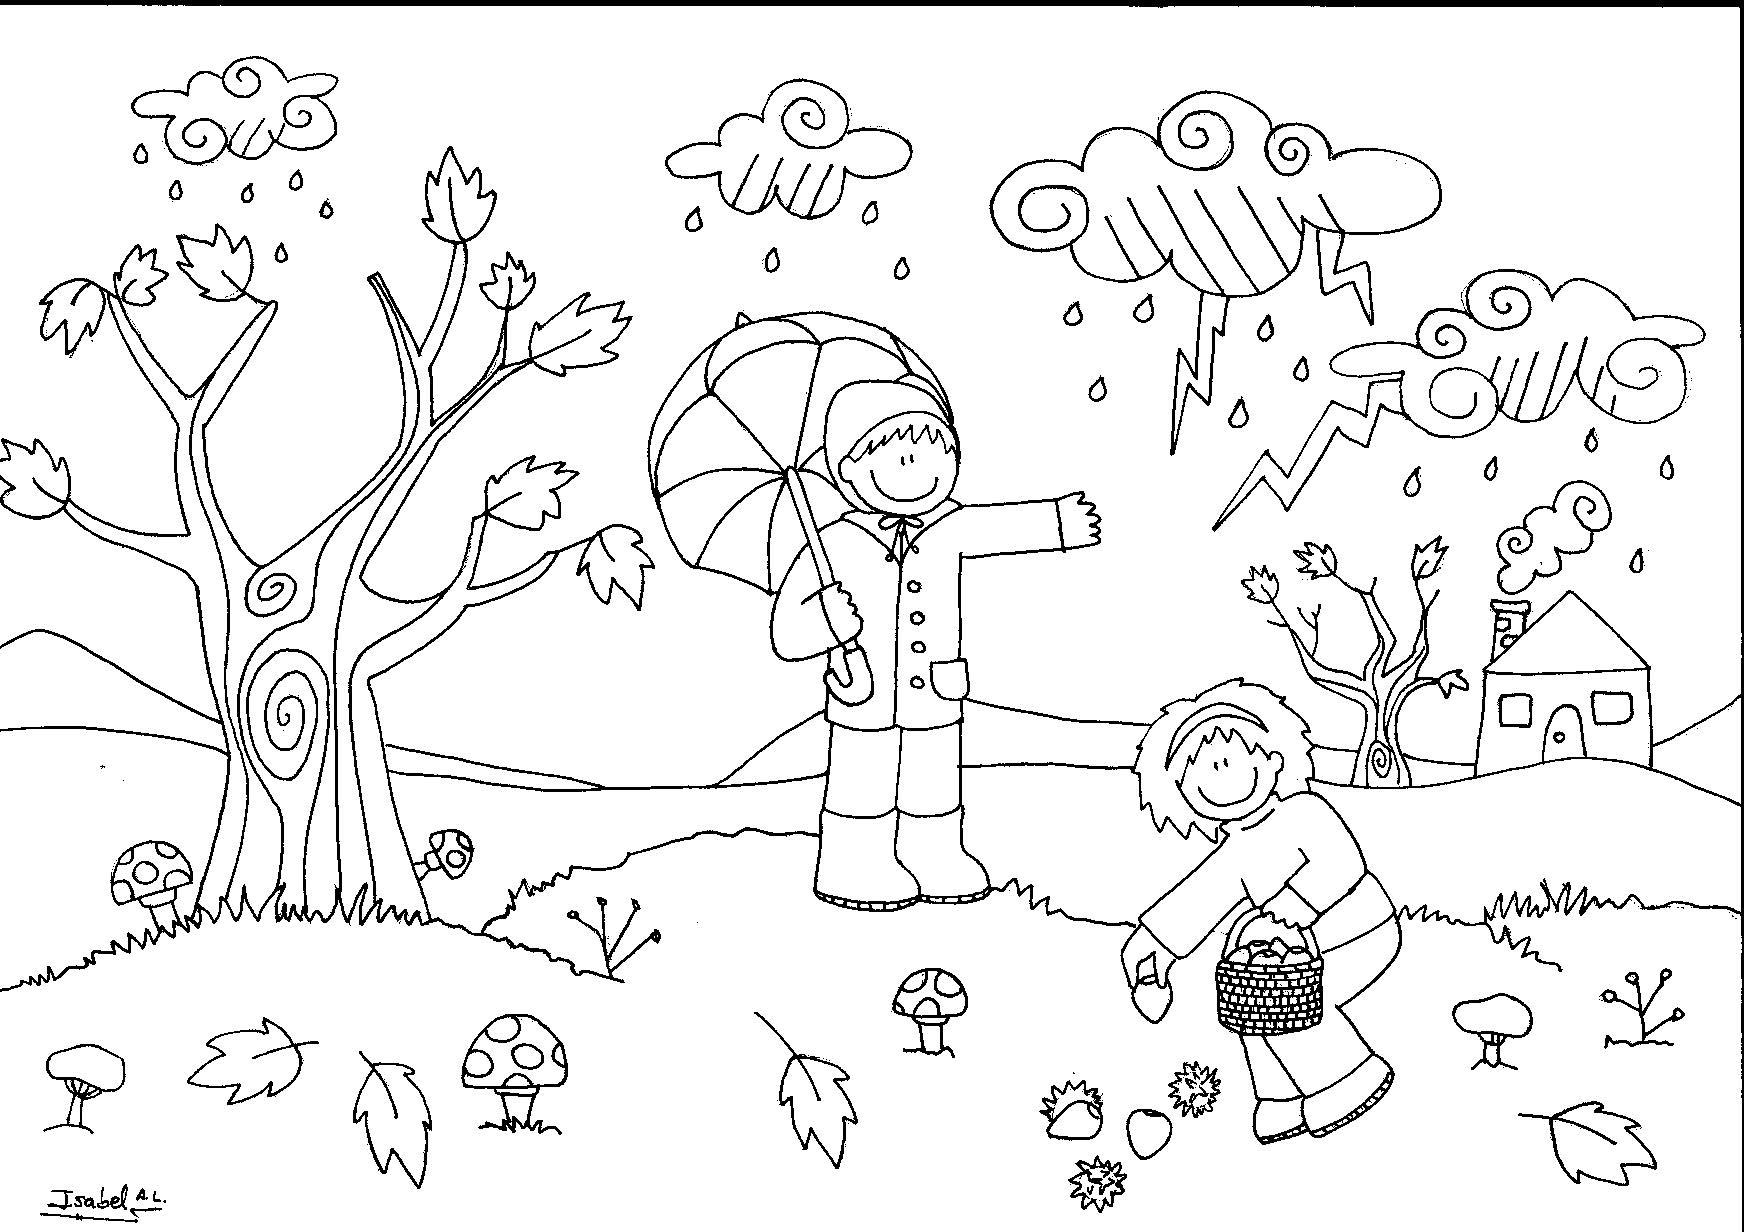 Dibujos De Mandalas E Imágenes De Otoño Para Colorear Bienvenido